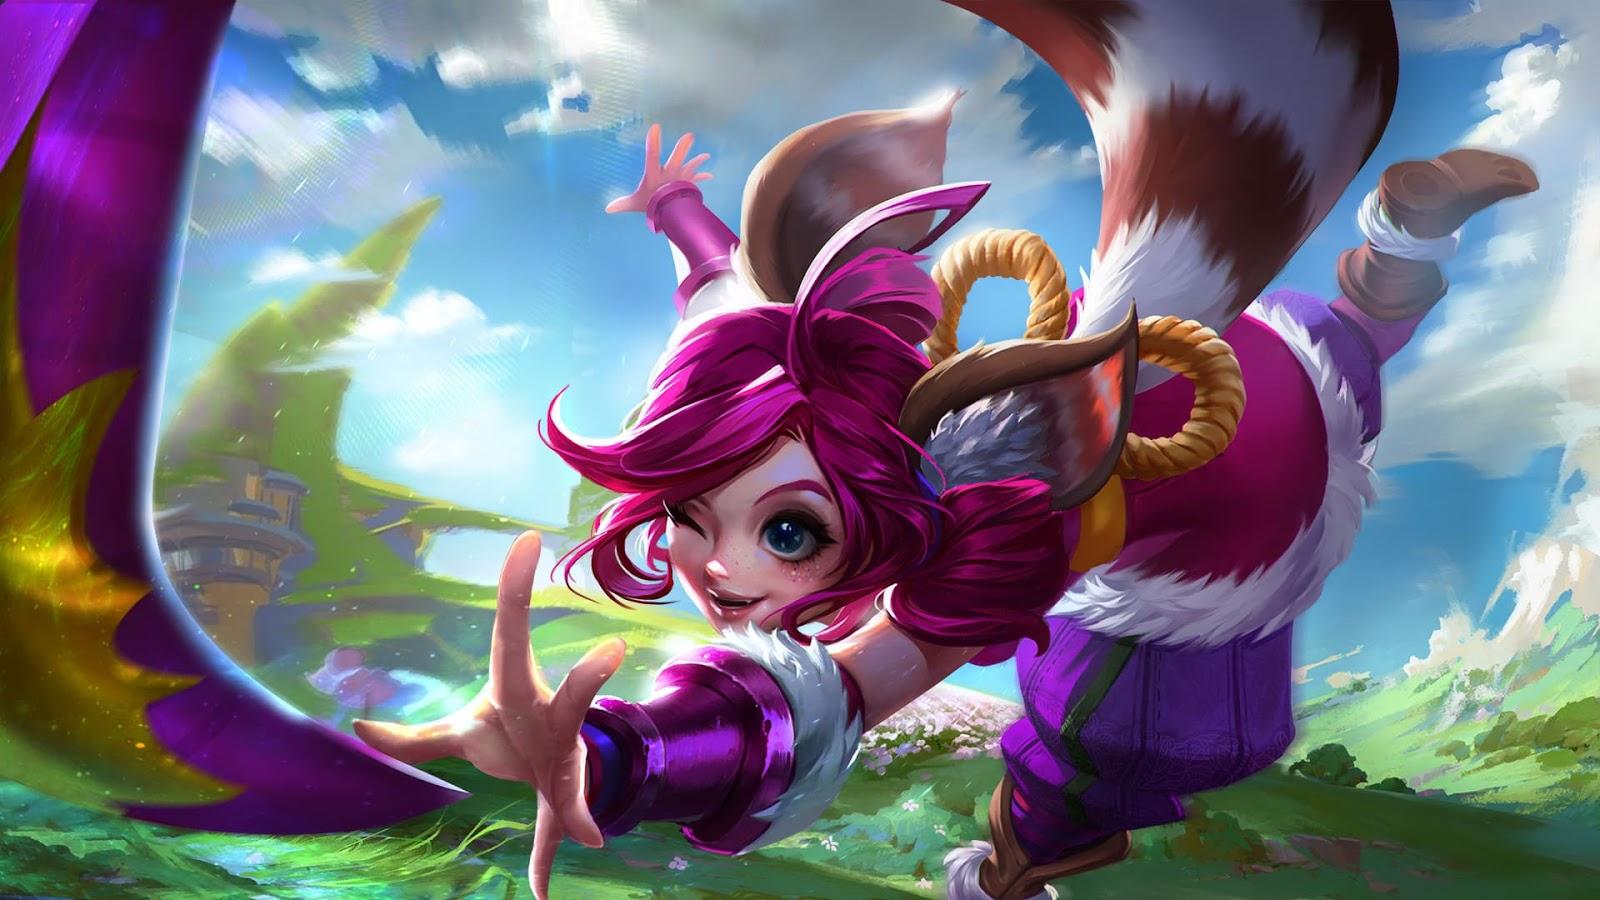 Wallpaper Nana Feline Wizard Skin Mobile Legends HD for PC